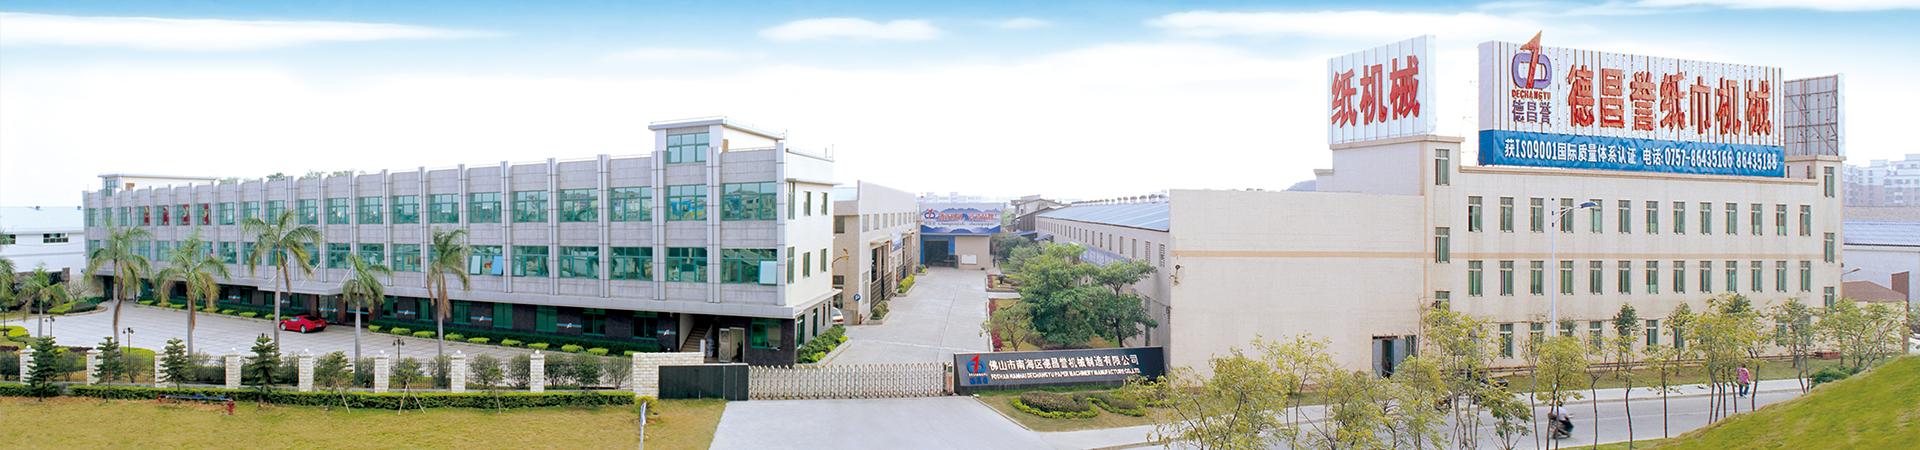 dechangyu paper machine factory